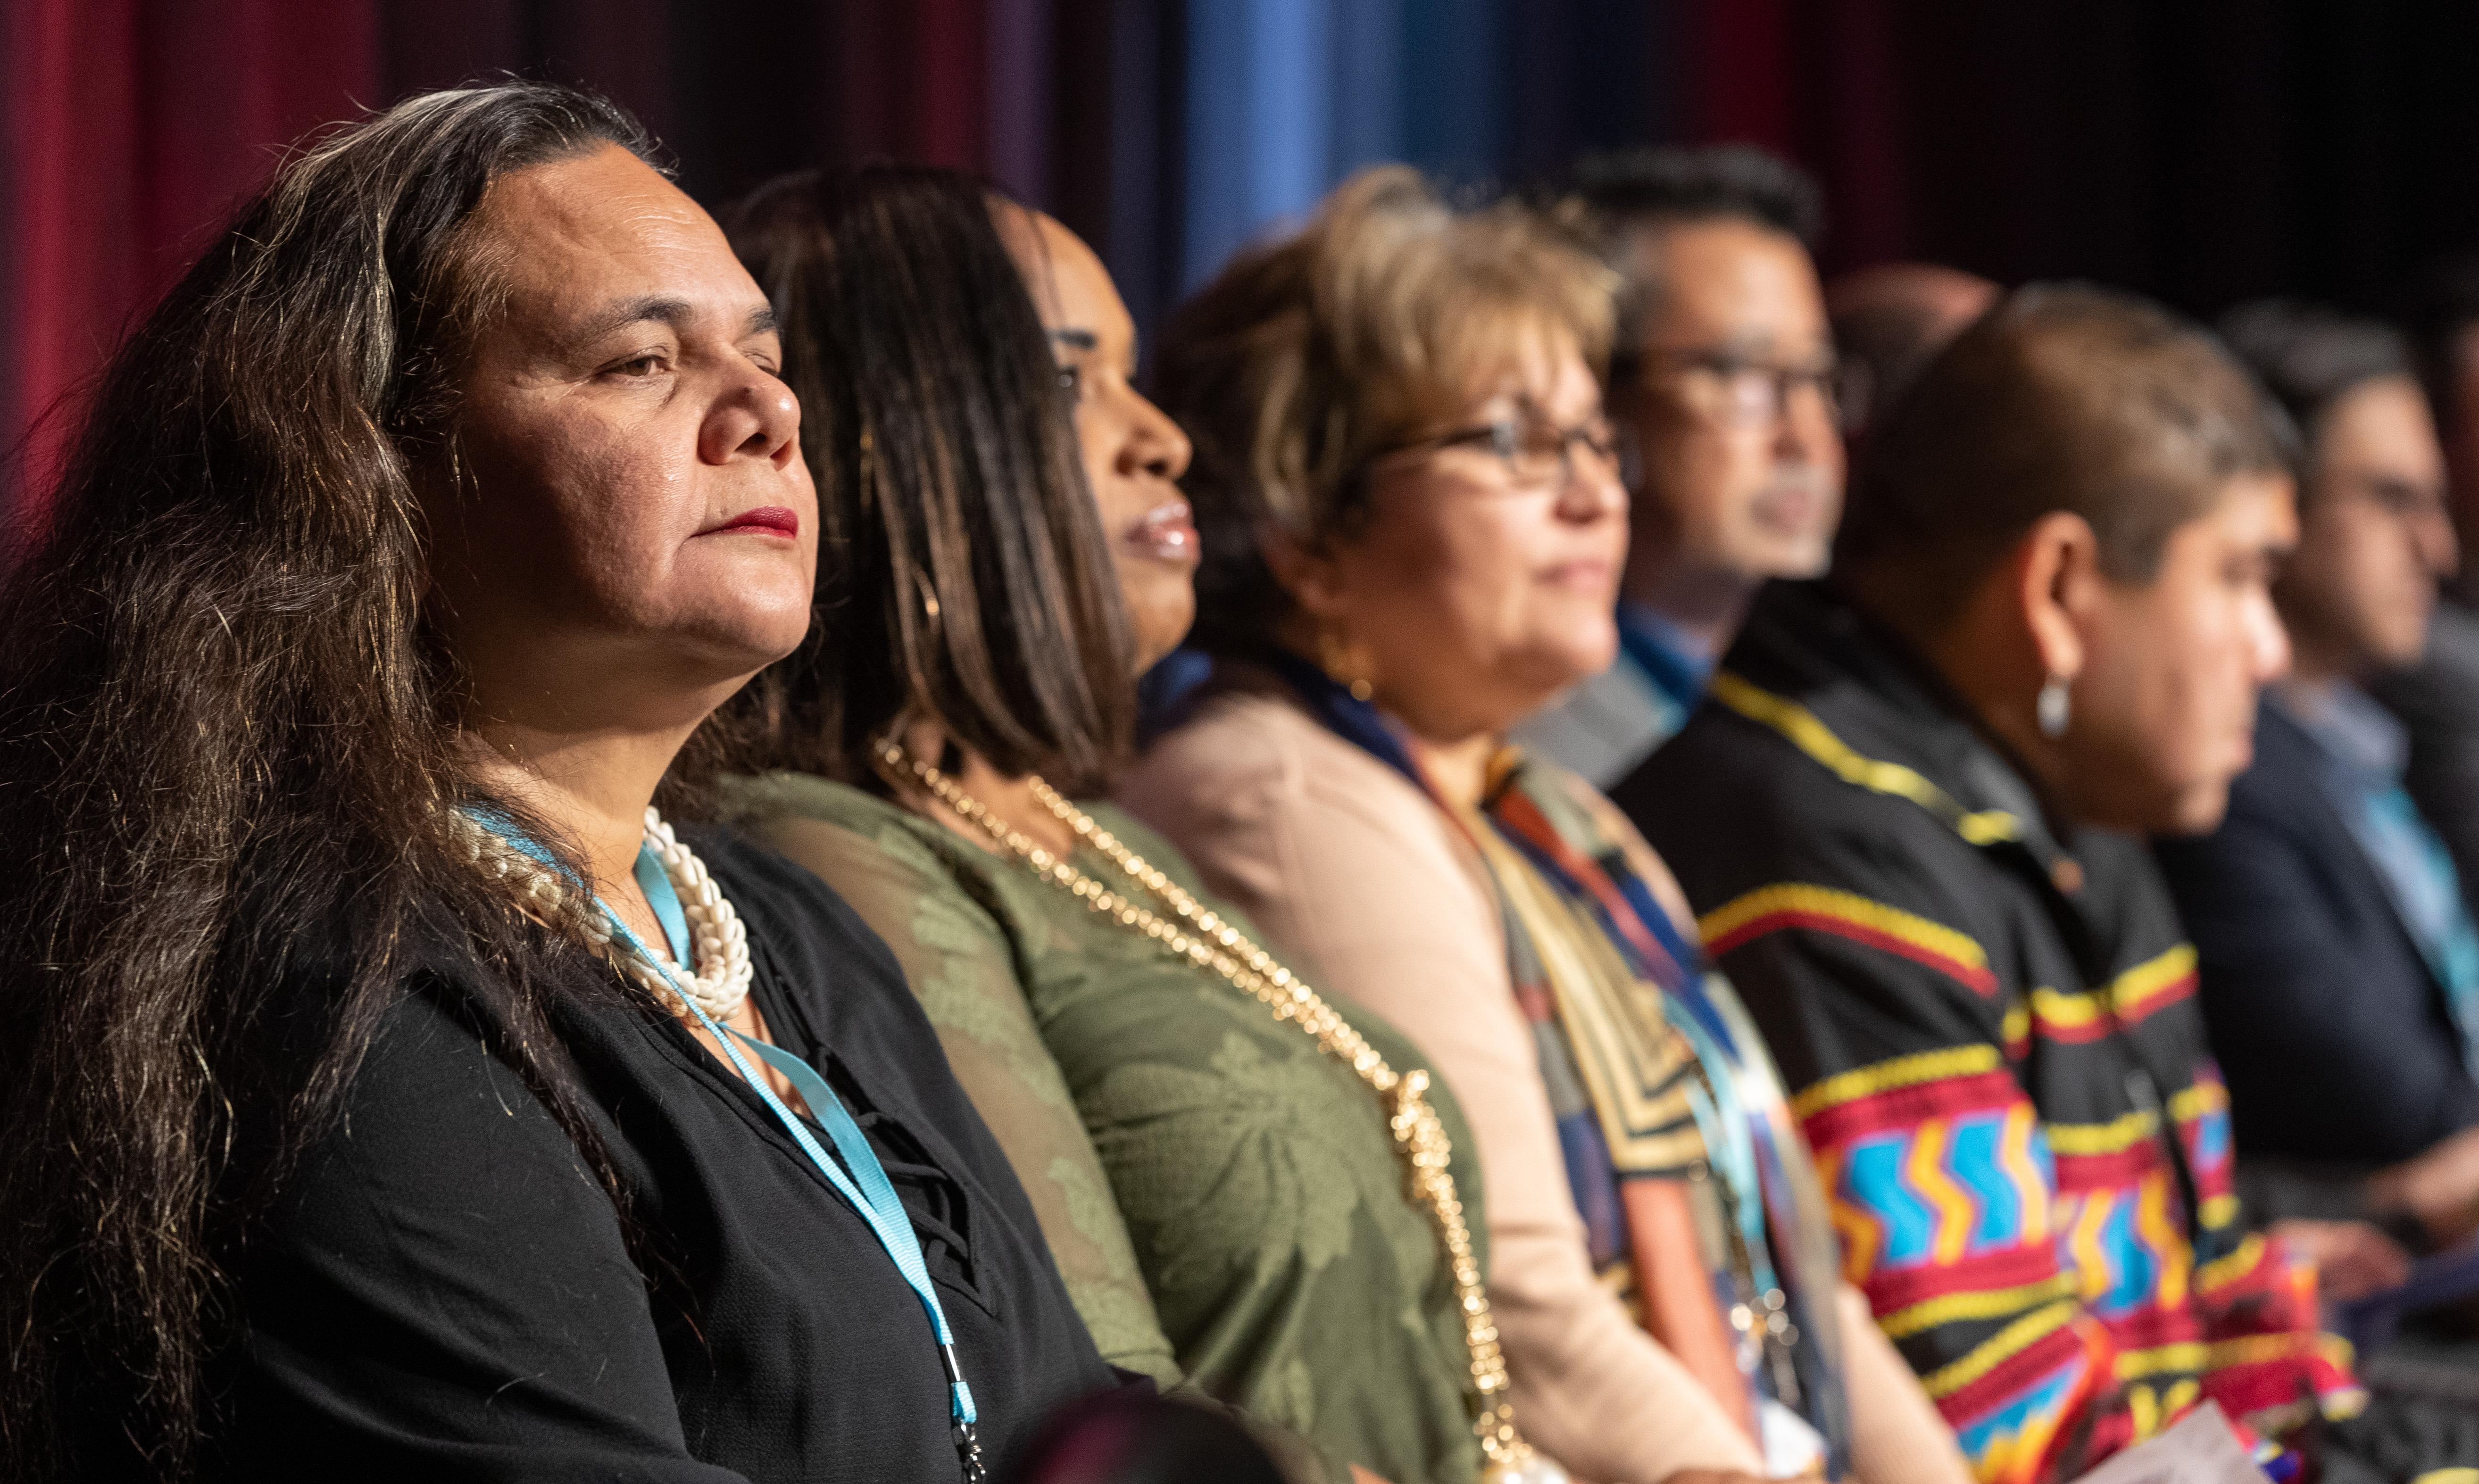 À esquerda, Monalisa Tuitahi, diretora executiva do Conselho Nacional das Comunidades das Ilhas do Pacífico e outros representantes das iniciativas étnicas da Igreja Metodista Unida, vê um vídeo sobre o trabalho das iniciativas durante a reunião de informações da Pré-Conferência Geral de 2020 em Nashville , Tennessee. Foto de Mike DuBose, Notícias MU.